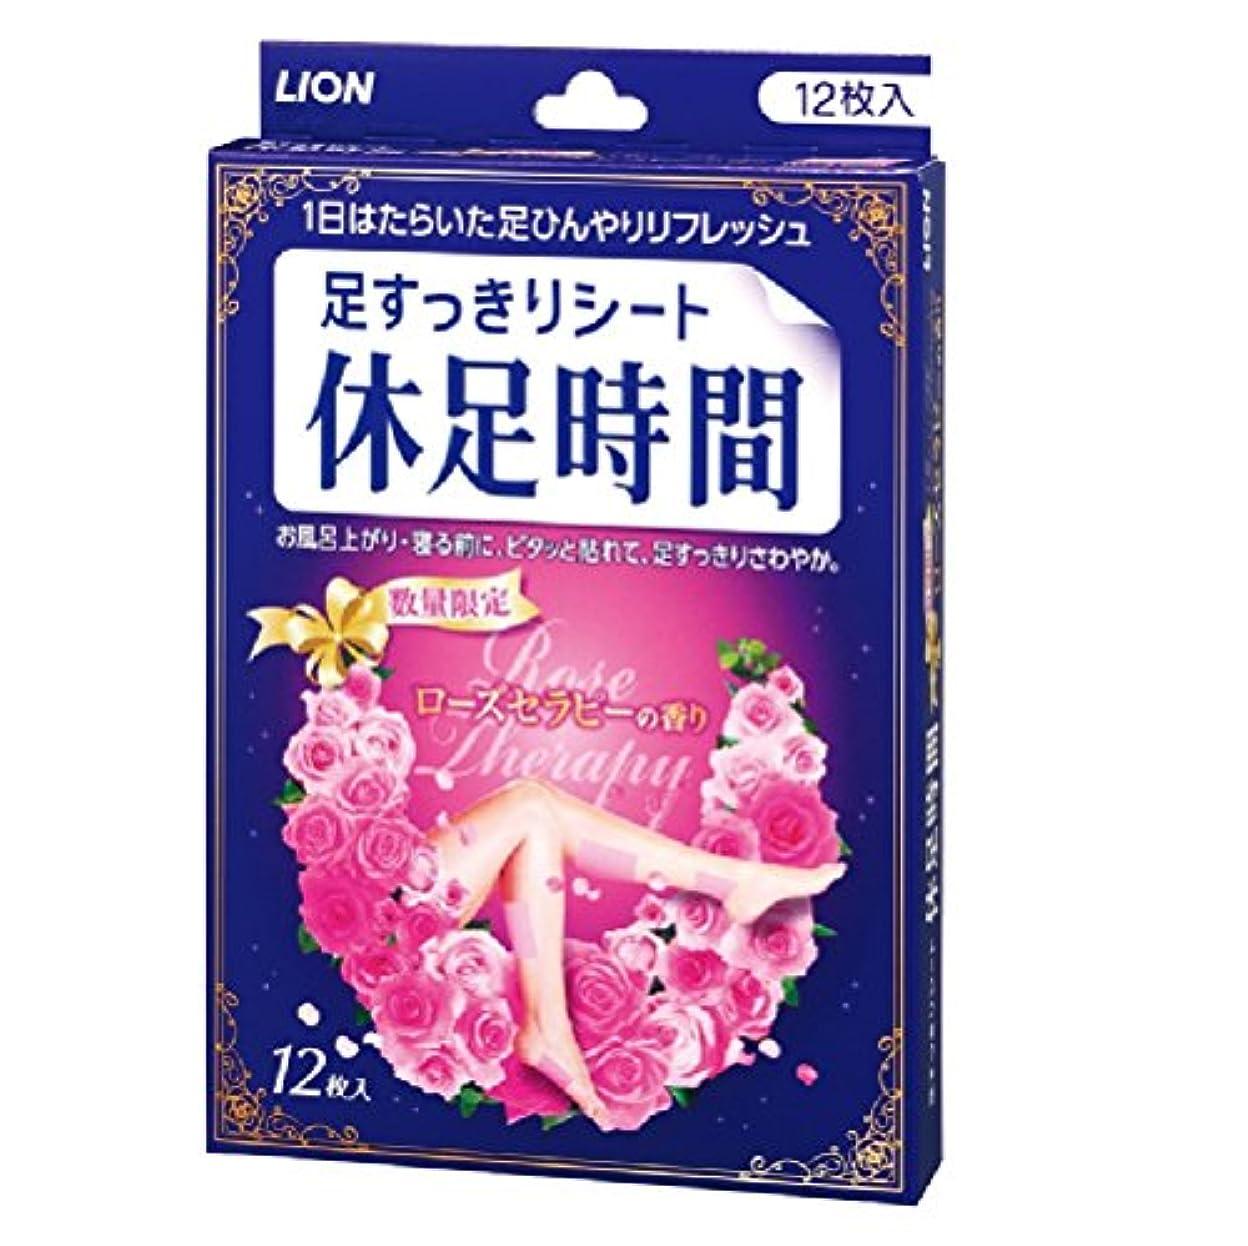 ステッチラダアイドル休足時間 ローズセラピーの香り 12枚